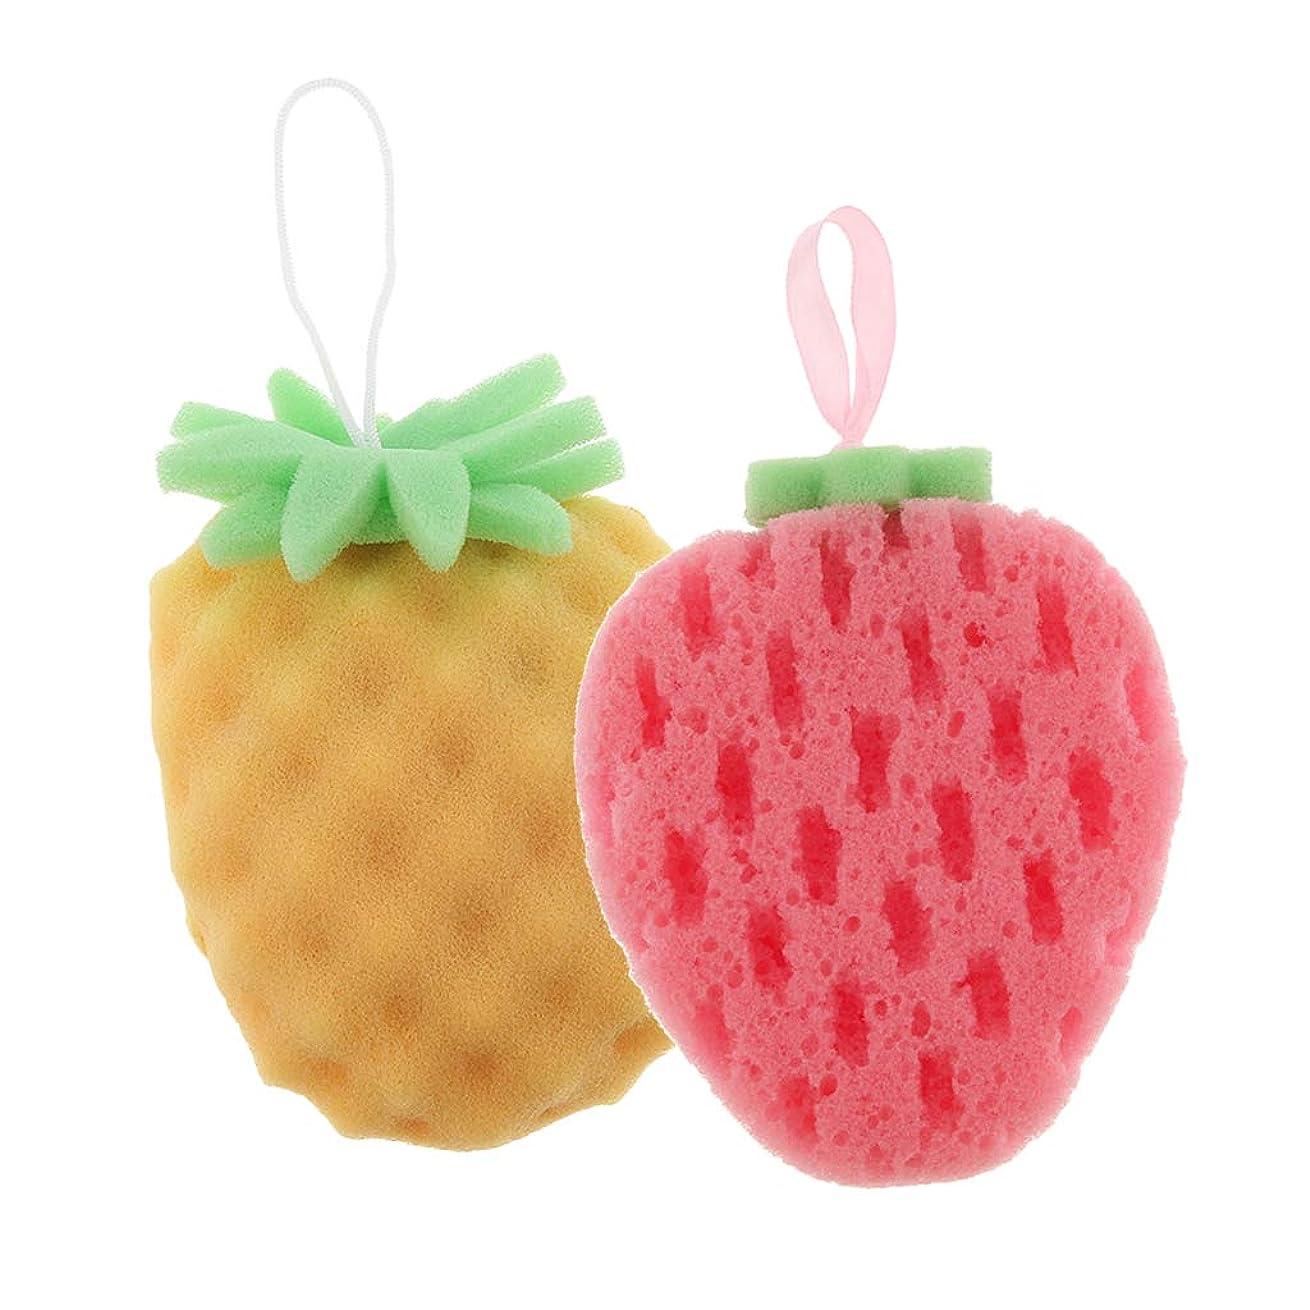 立ち向かう中世のマークダウンBaoblaze 2個 バススポンジ ボディスポンジ 可愛い フルーツ 果物の形 子供 お風呂